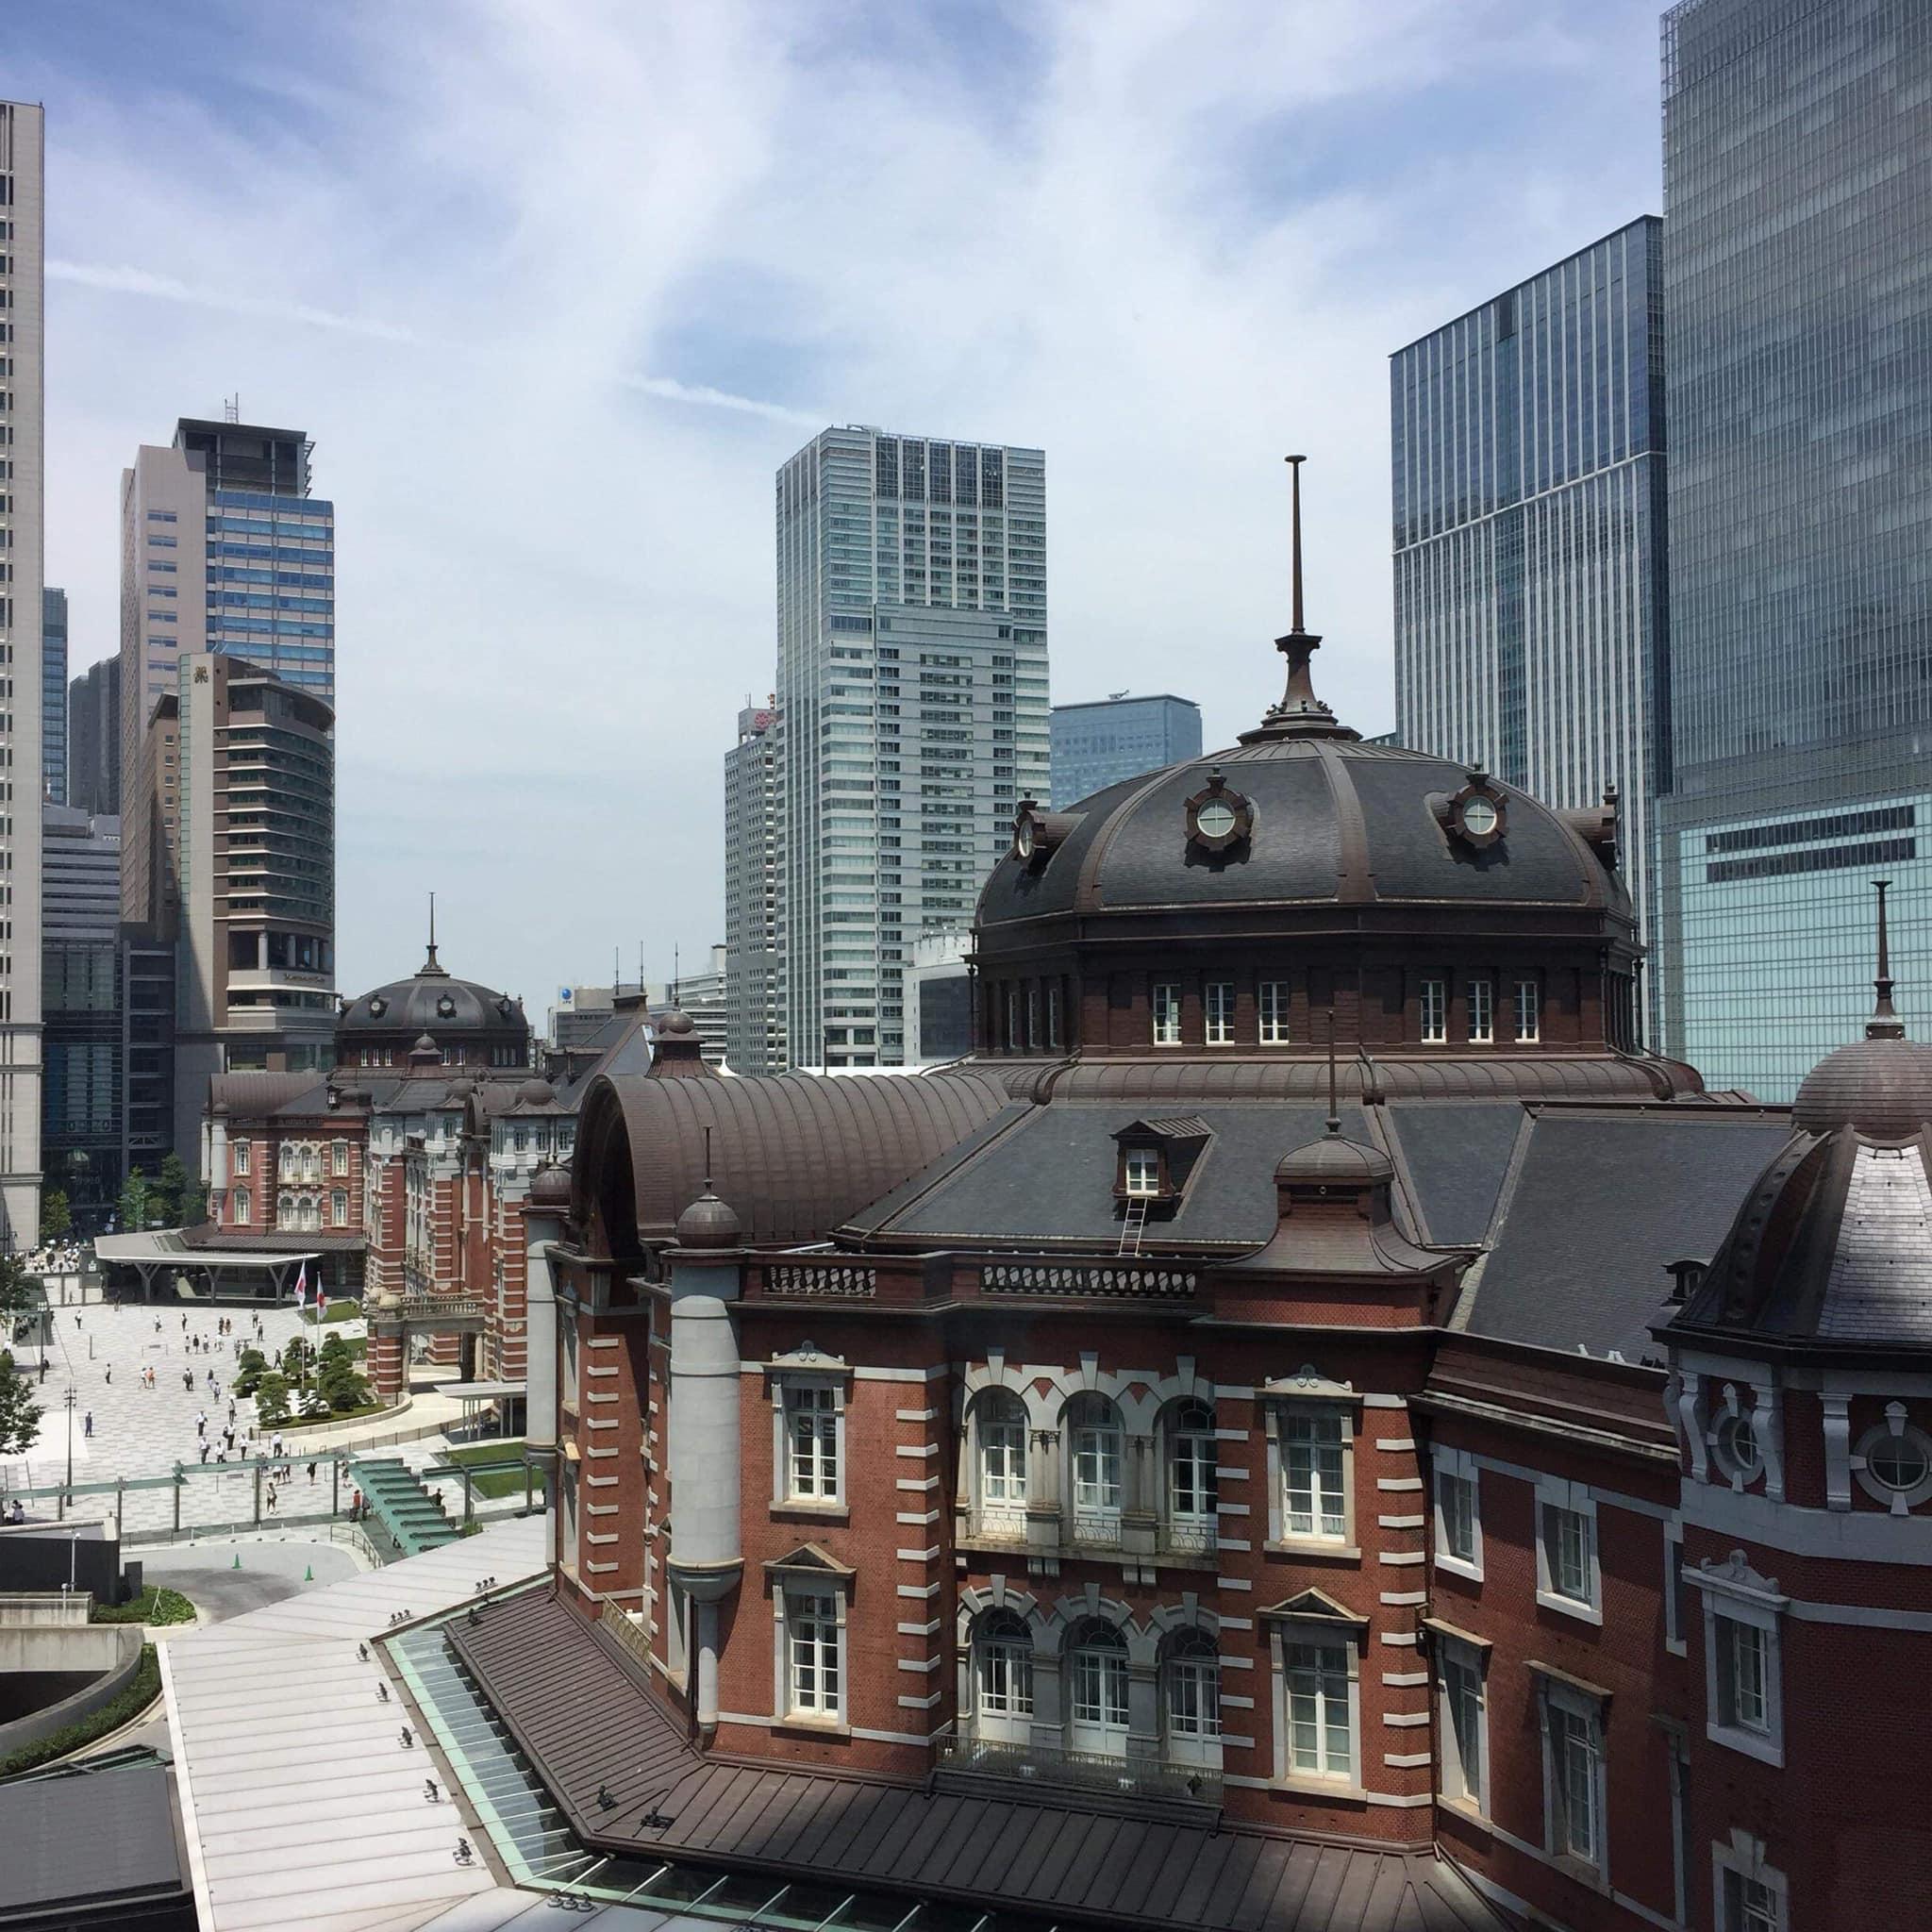 東京駅の喫煙所15選!改札内・駅構内・東京駅周辺に分けてご紹介します